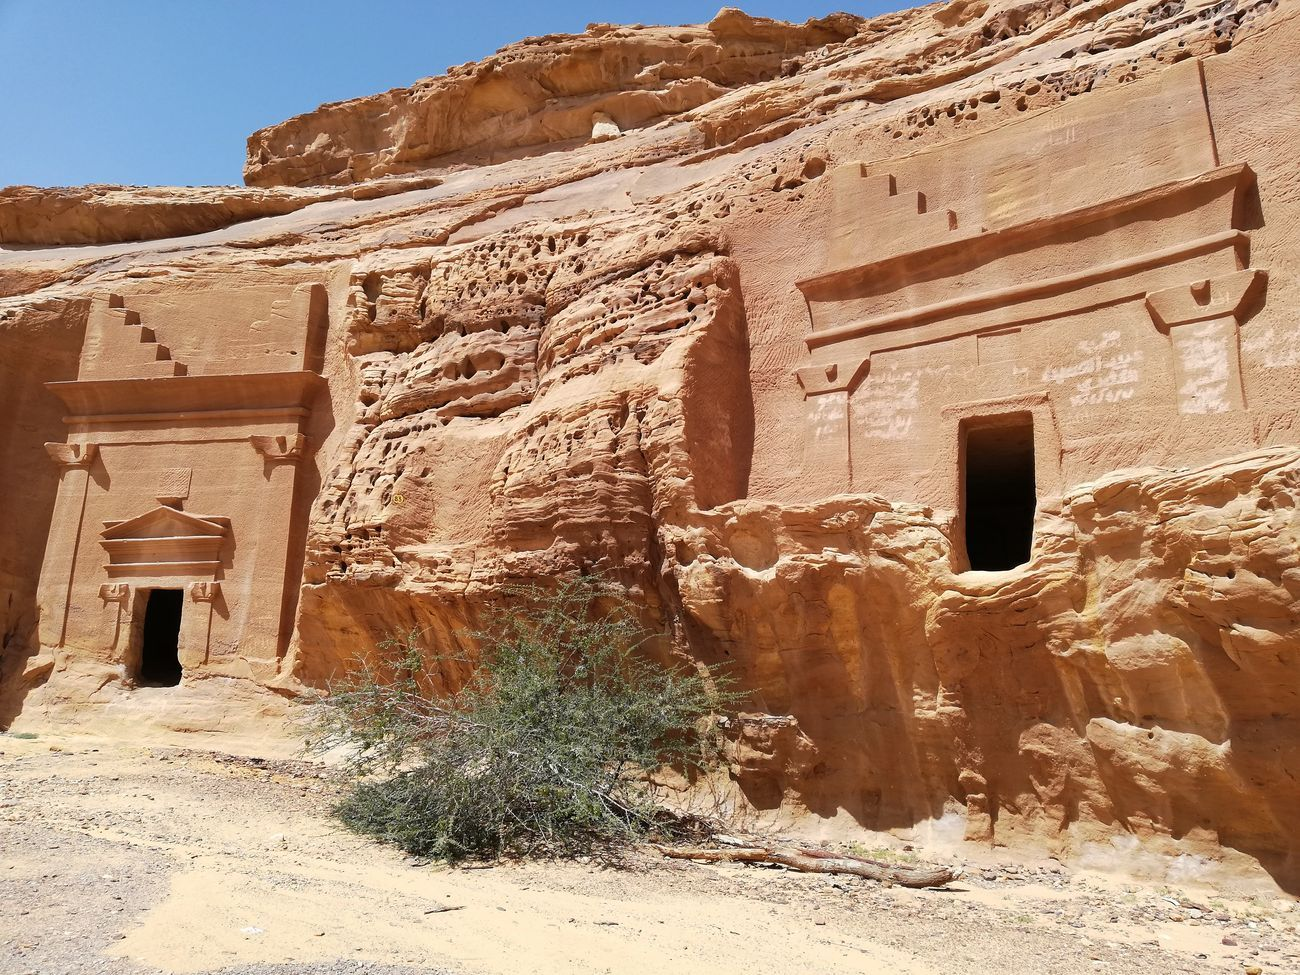 Tombe preservate nella Regione di Al-Ula. Photo Daniele Perra